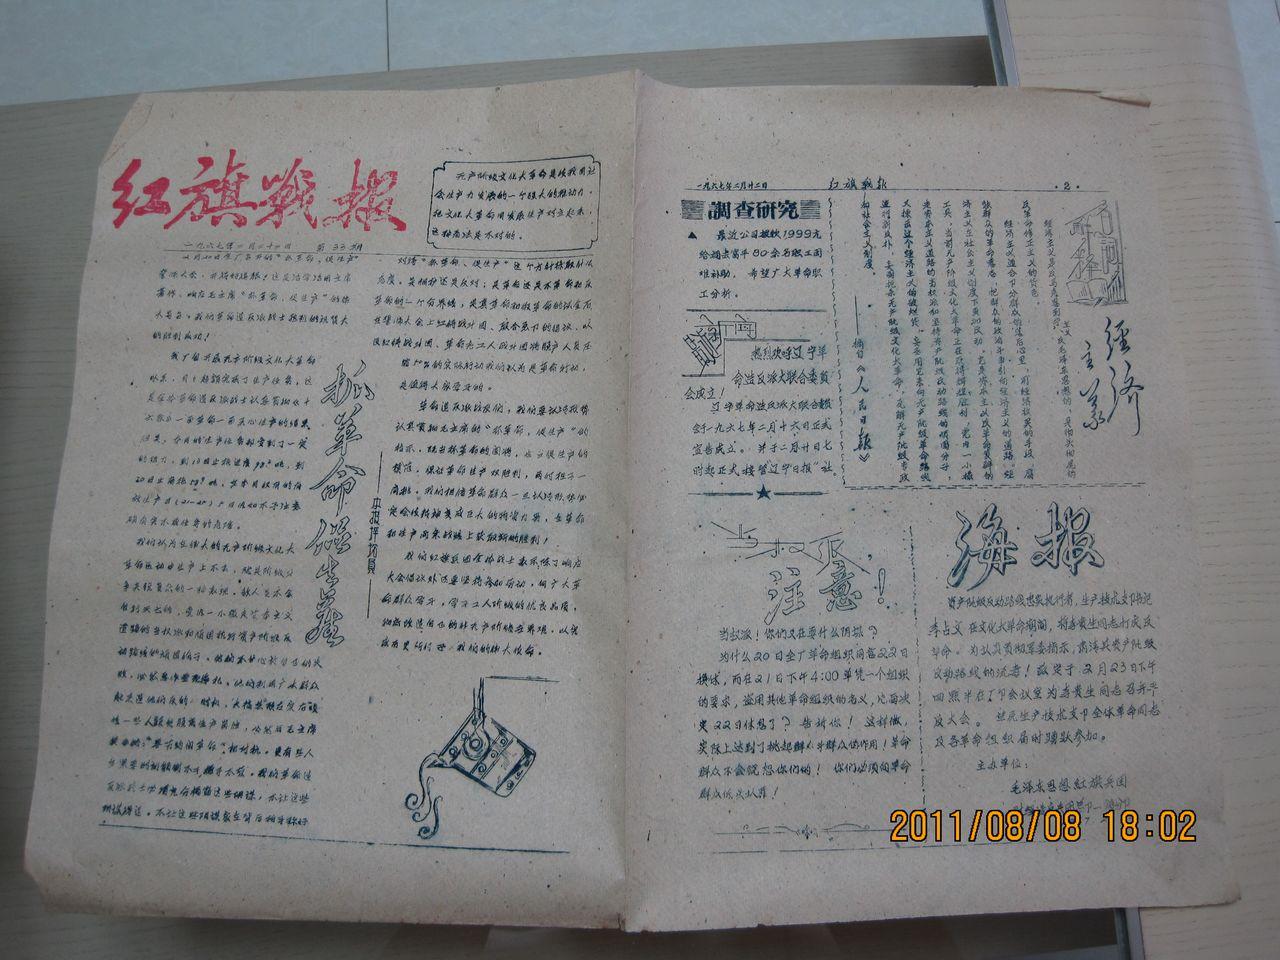 【原创】岁月有痕—流年如画(33) - 芬芬 - 小法岱特